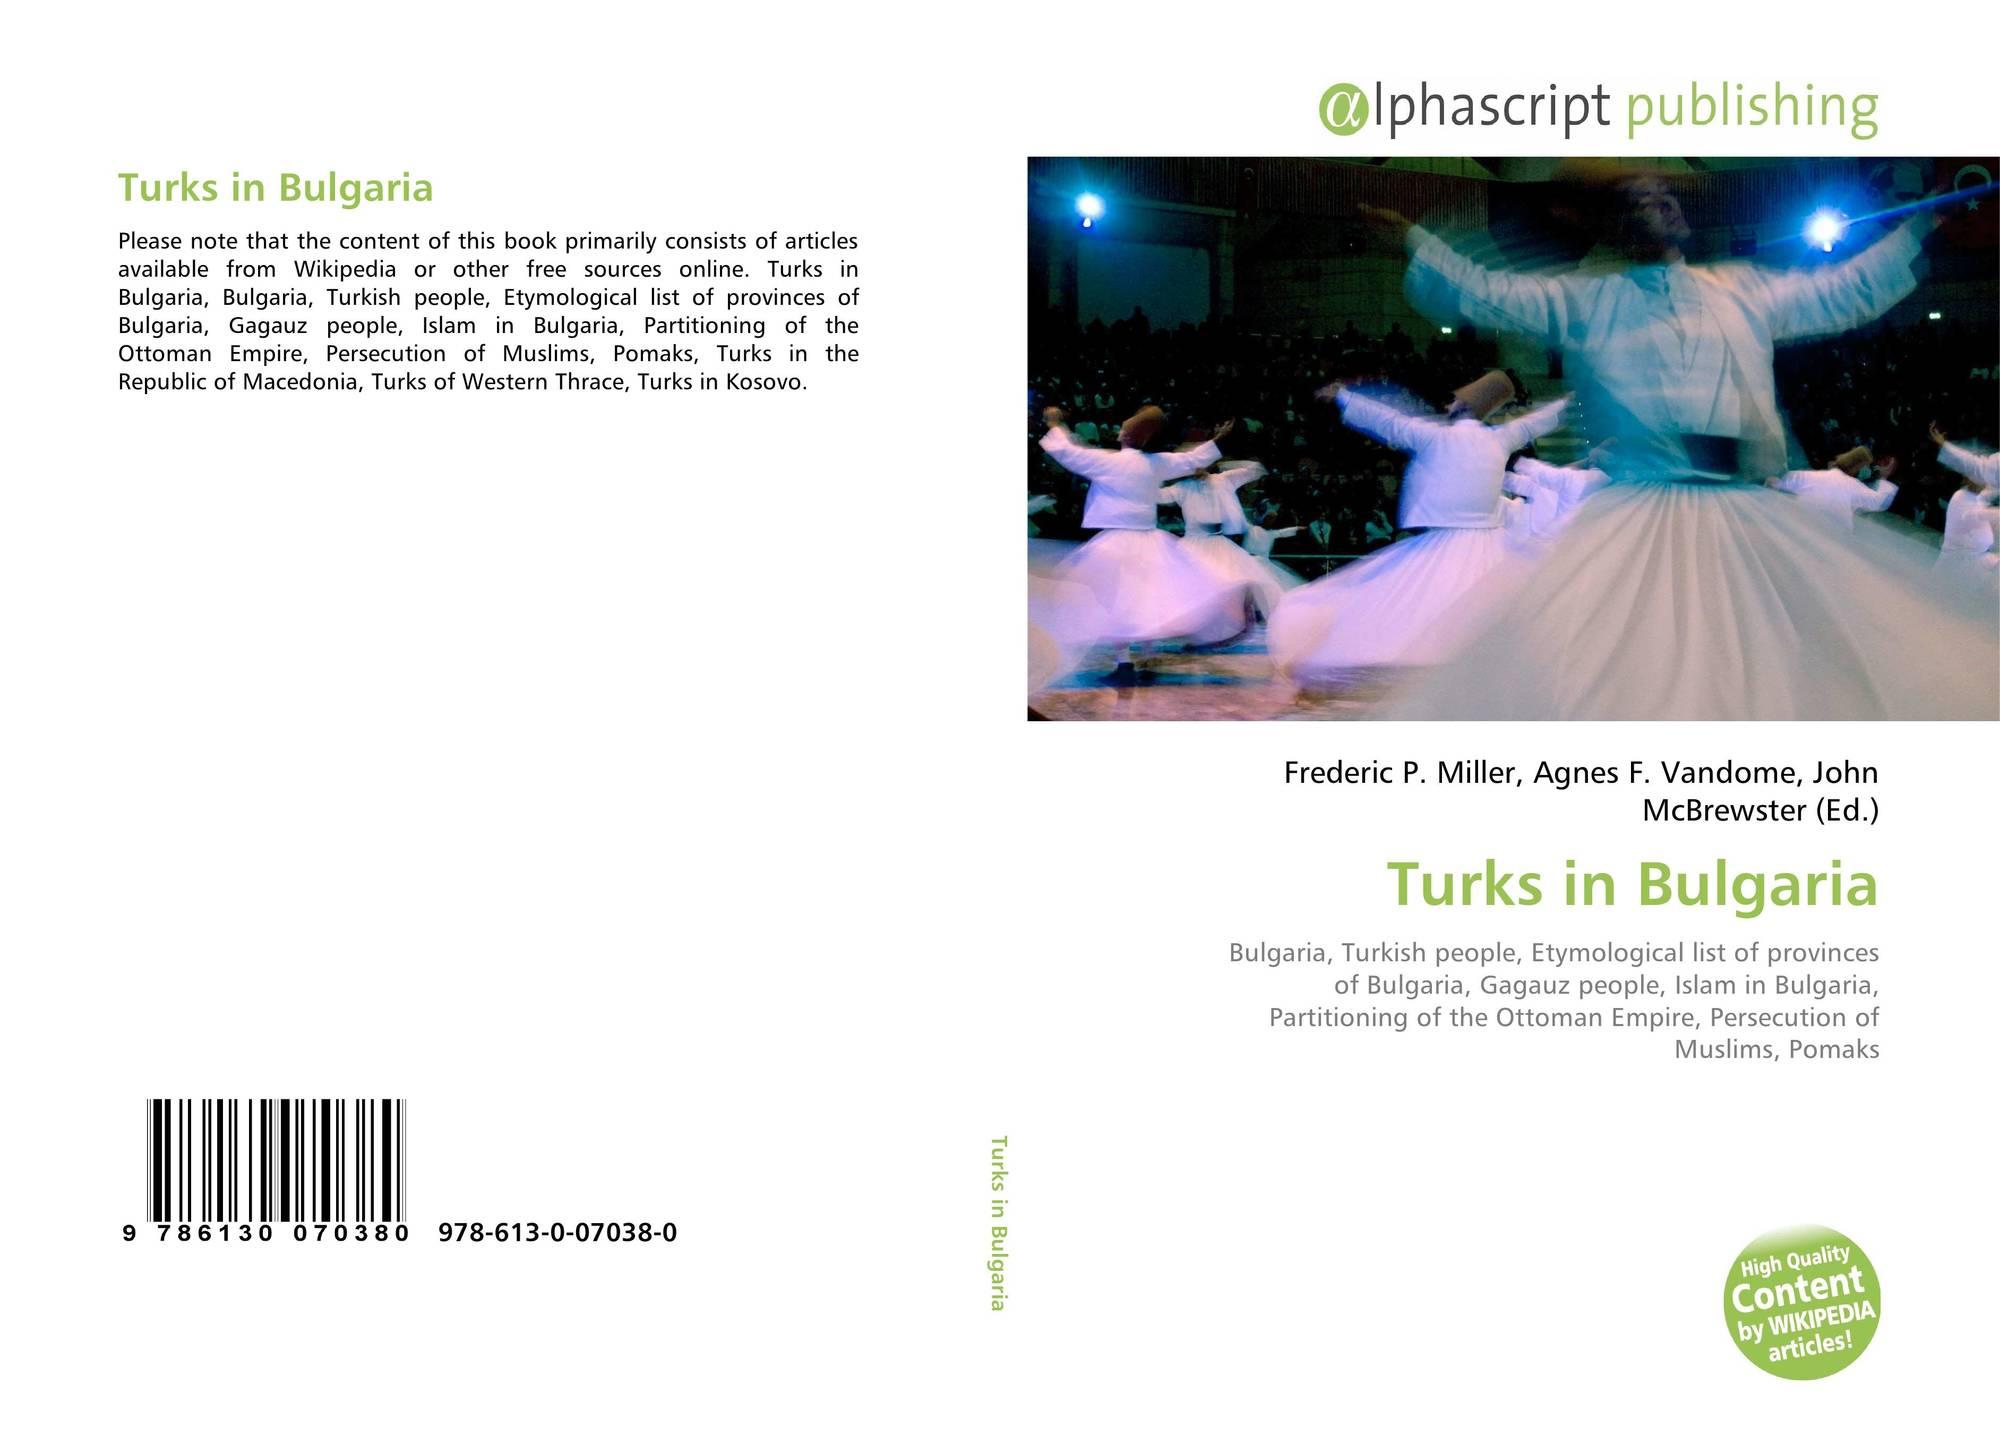 Turks in Bulgaria, 978-613-0-07038-0, 6130070381 ,9786130070380